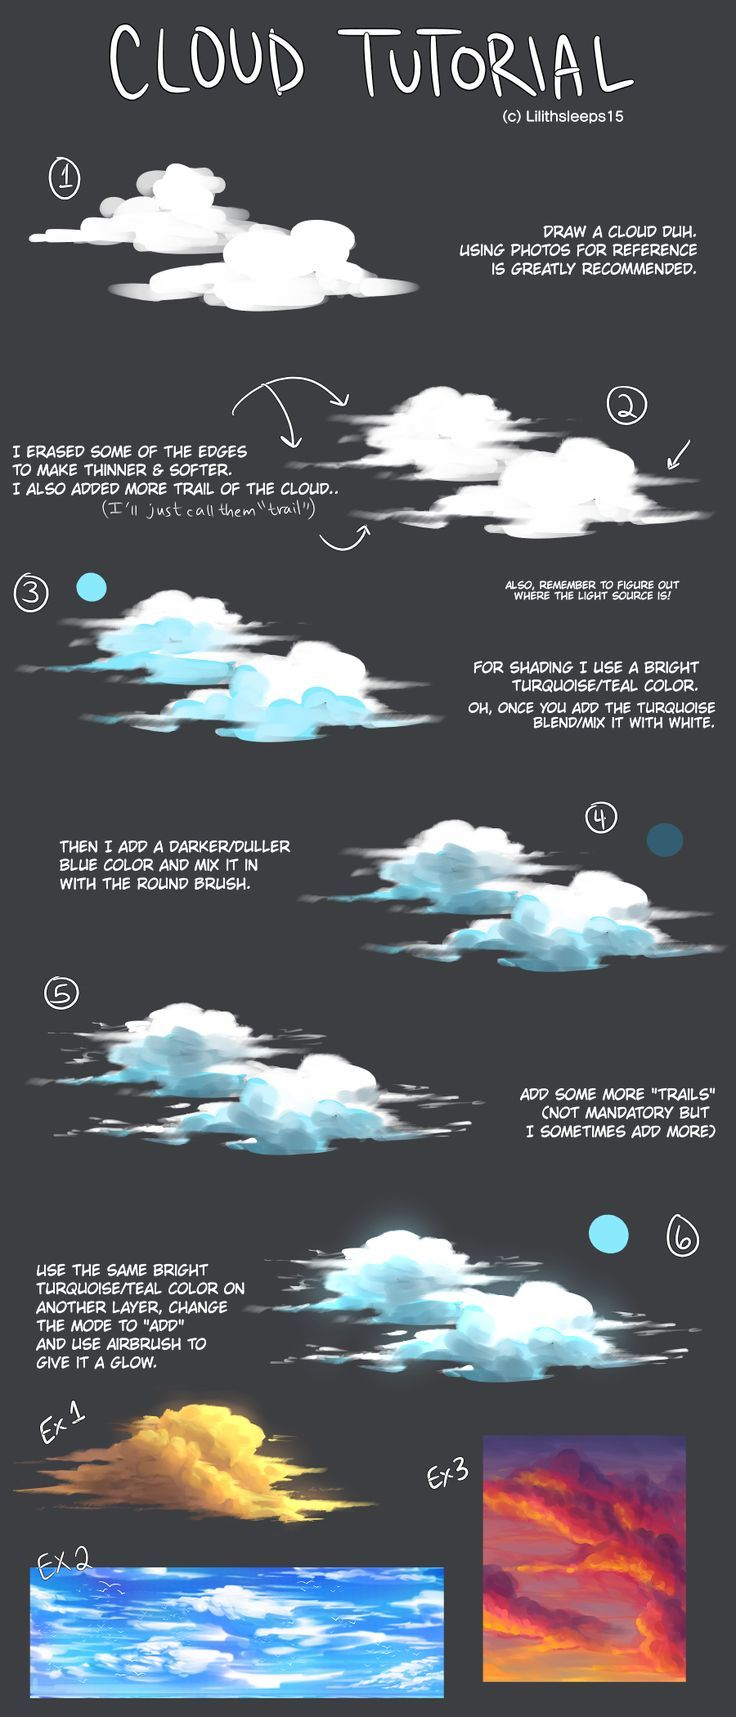 Photo of Cloud Tutorial/Lilithsleeps15